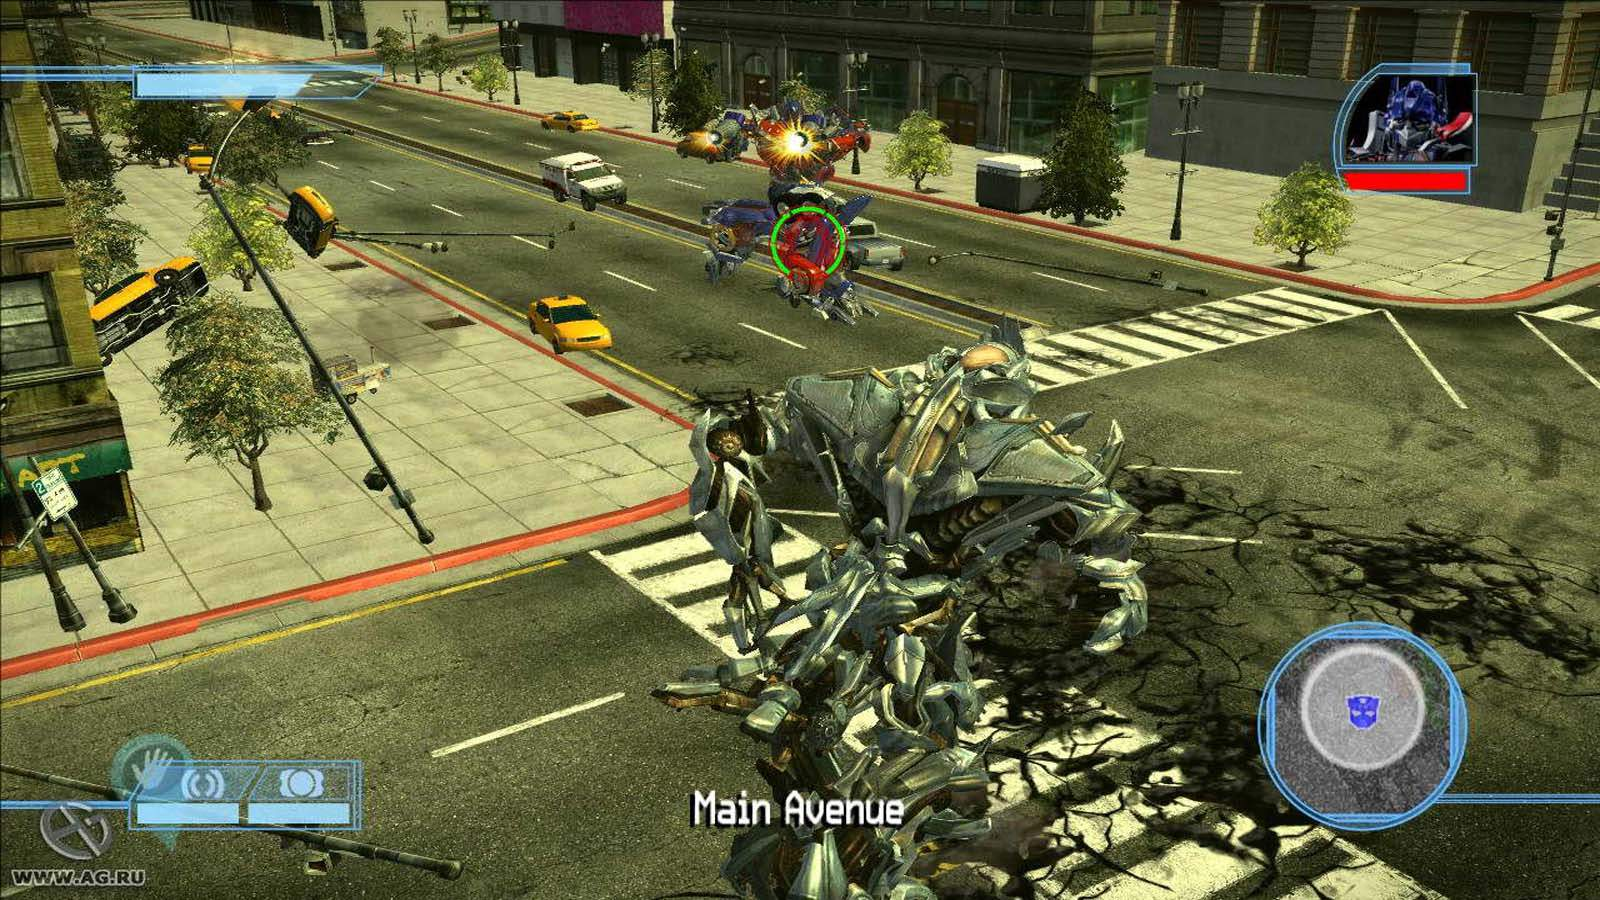 تحميل لعبة Transformers مضغوطة برابط واحد مباشر + تورنت كاملة مجانا